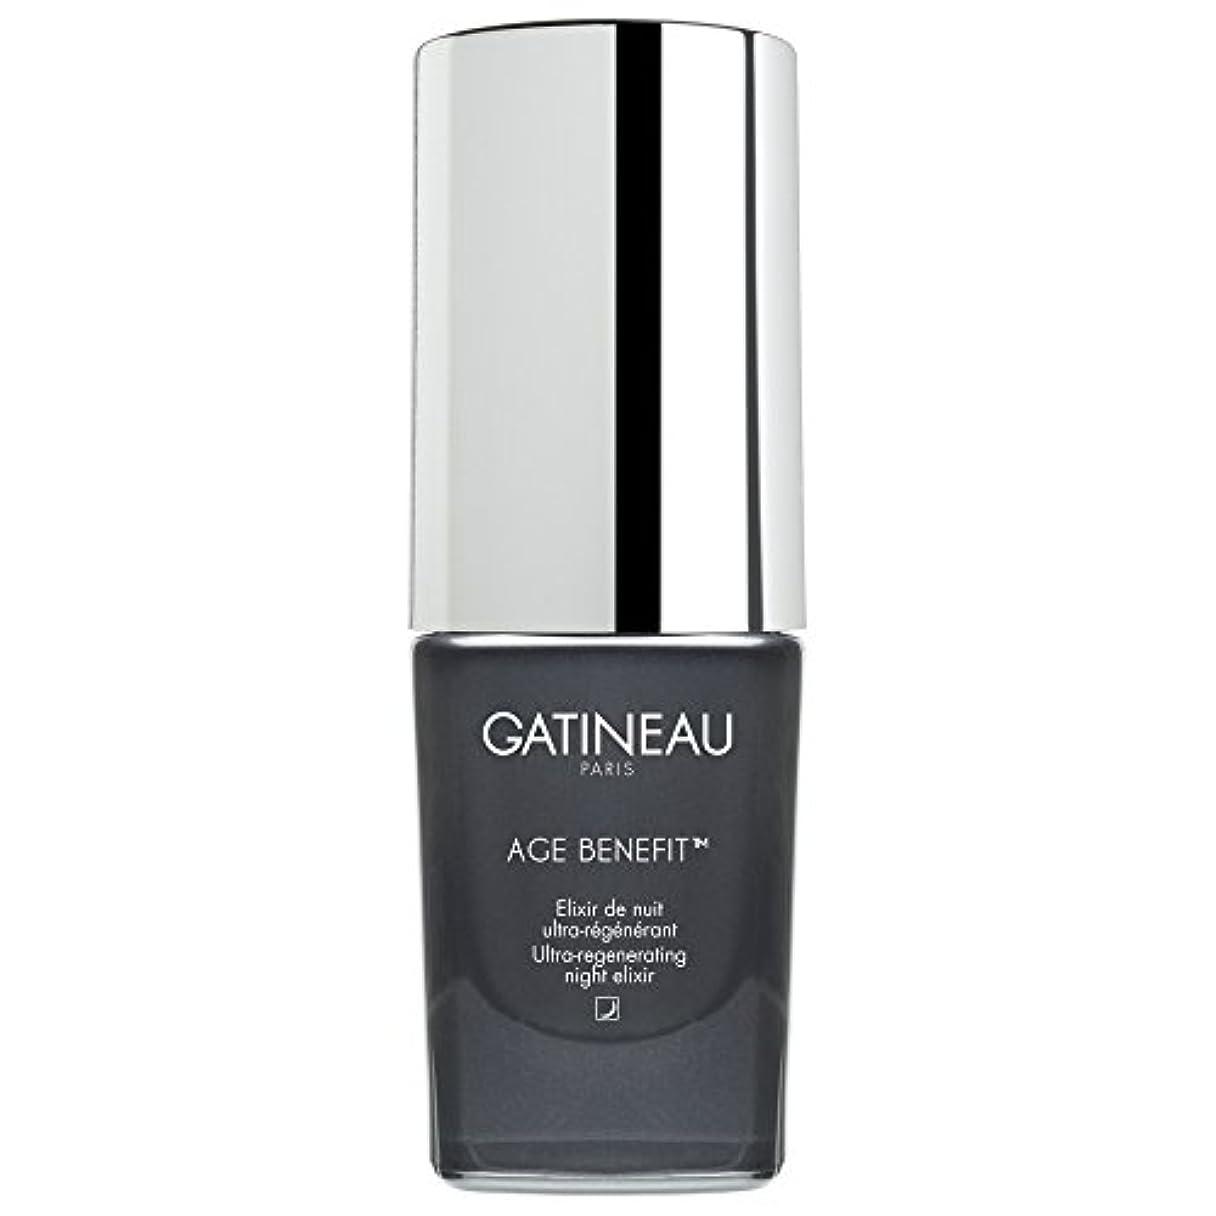 ギャンブル変換遺伝的ガティノー年齢給付超再生夜のエリクシルの15ミリリットル (Gatineau) (x2) - Gatineau Age Benefit Ultra-Regenerating Night Elixir 15ml (Pack...